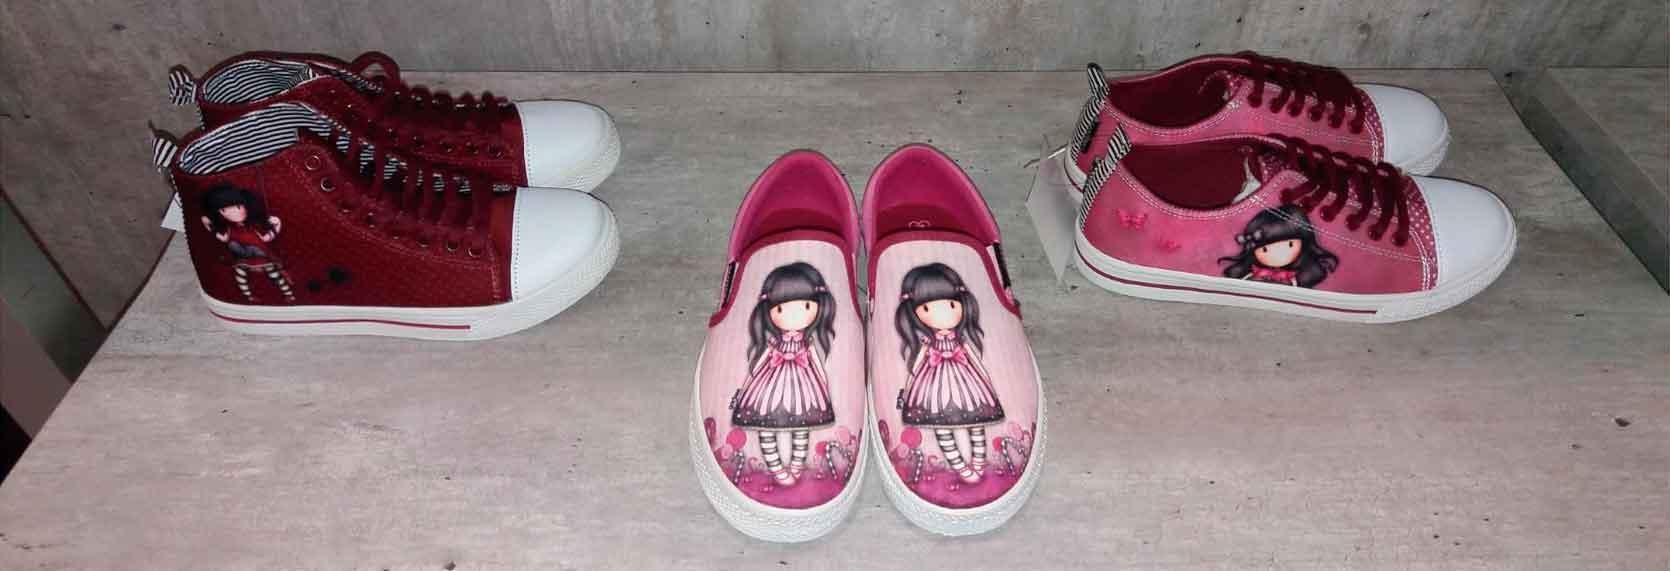 pintar zapatillas